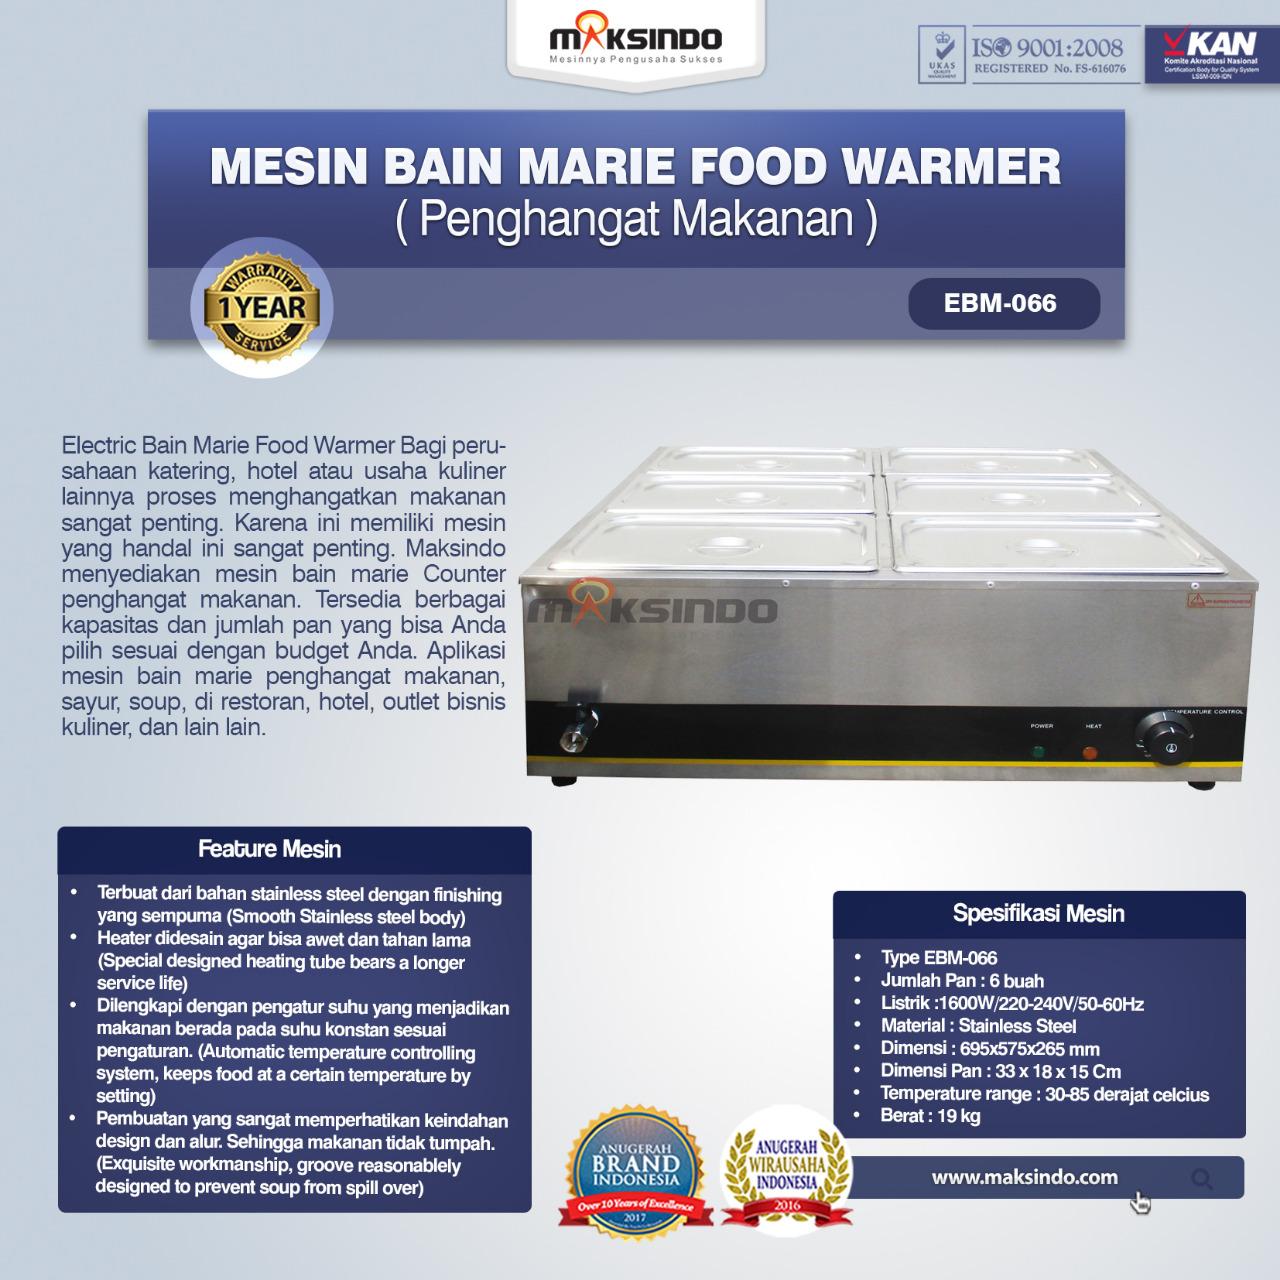 Jual Mesin Bain Marie Penghangat Makanan (EBM Type) di Bali